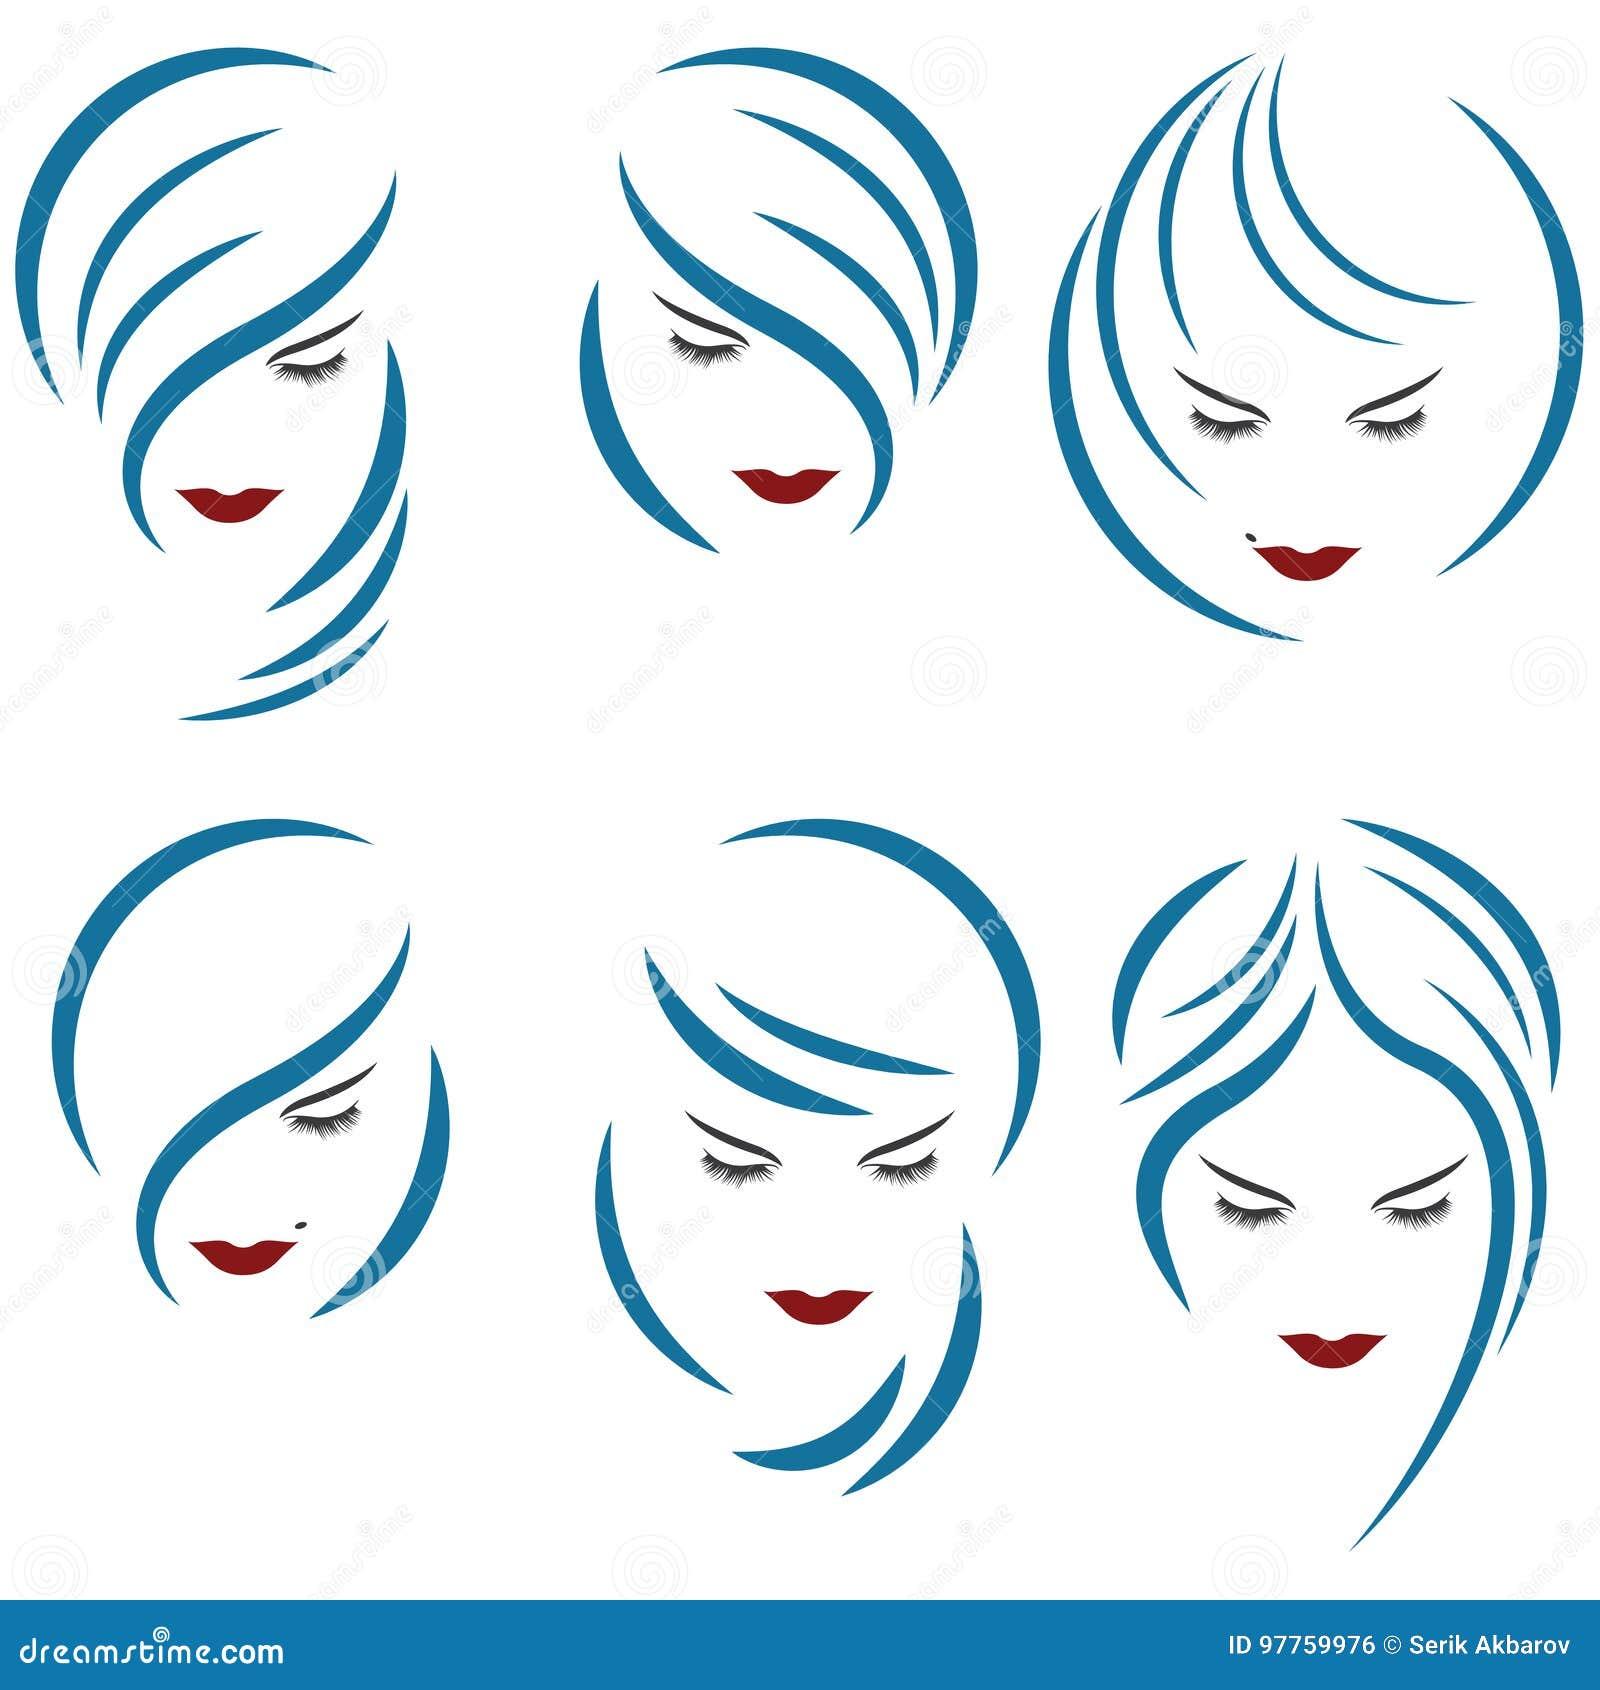 Un illustrazione che consiste di sei immagini delle teste femminili